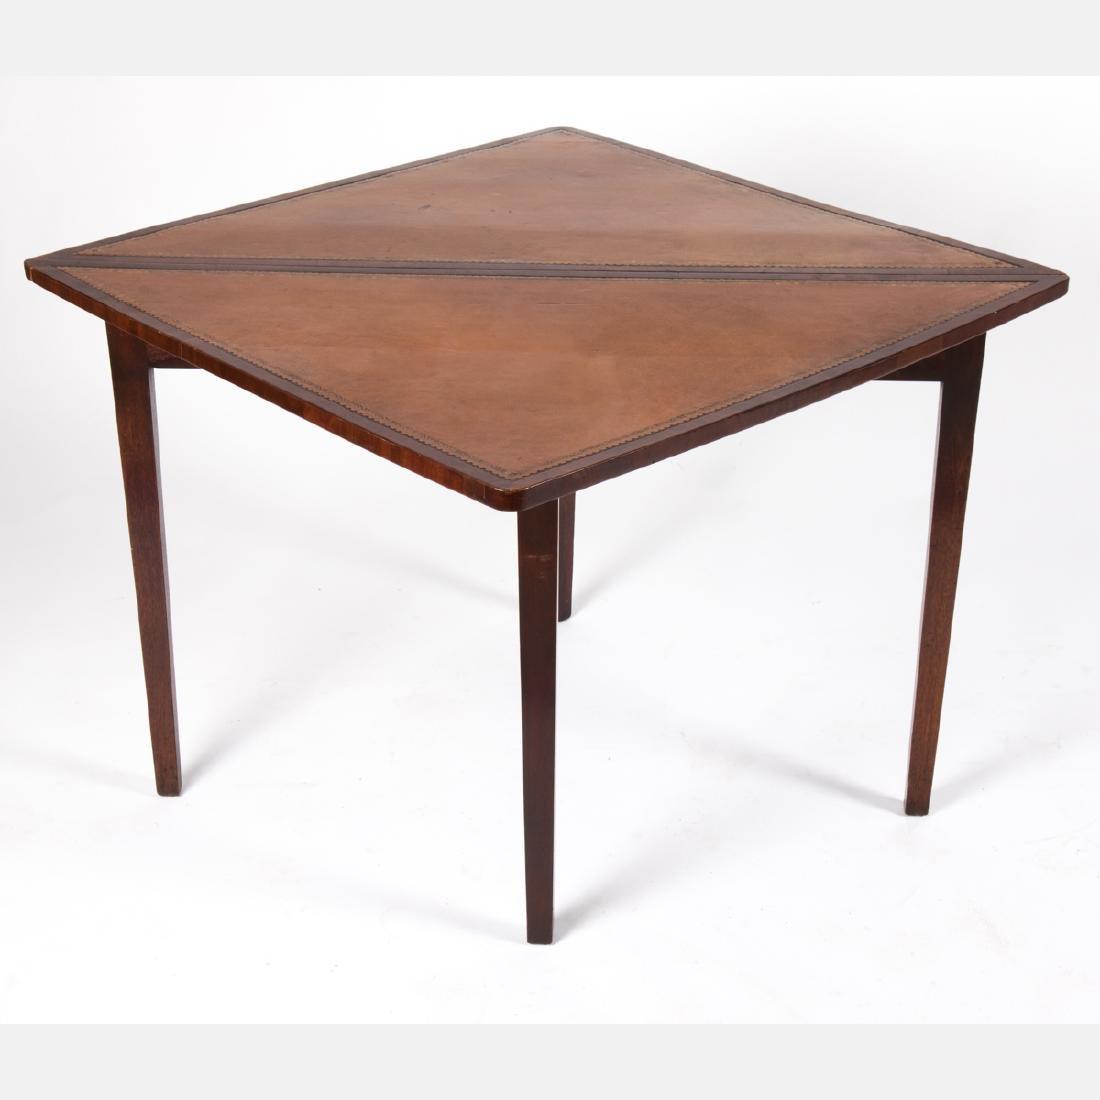 An English Mahogany Handkerchief Table, 19th/20th - 2